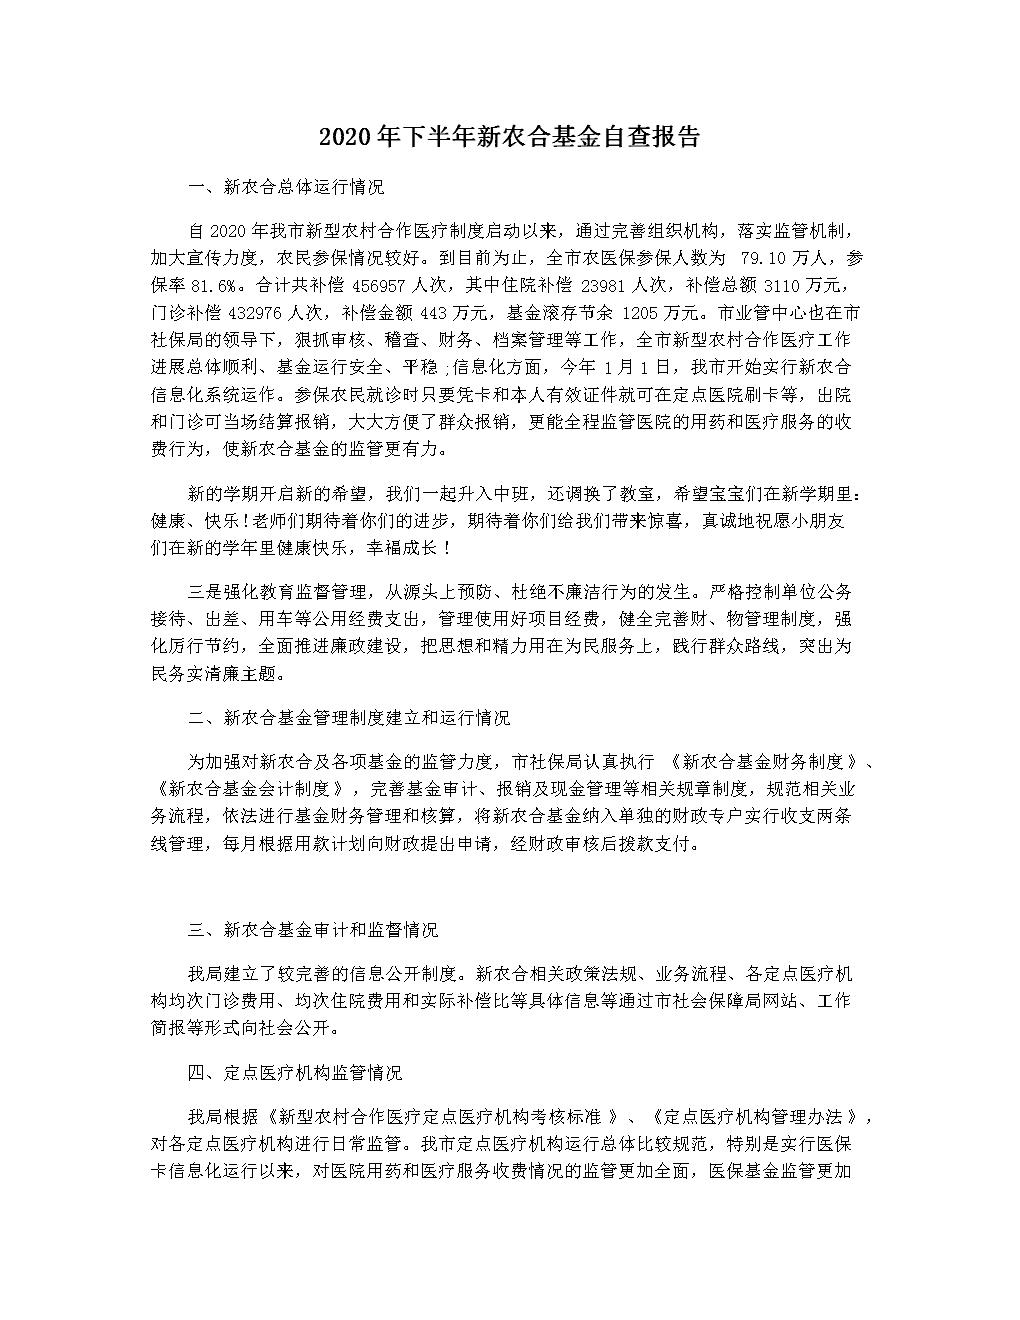 2020年下半年新农合基金自查报告.docx